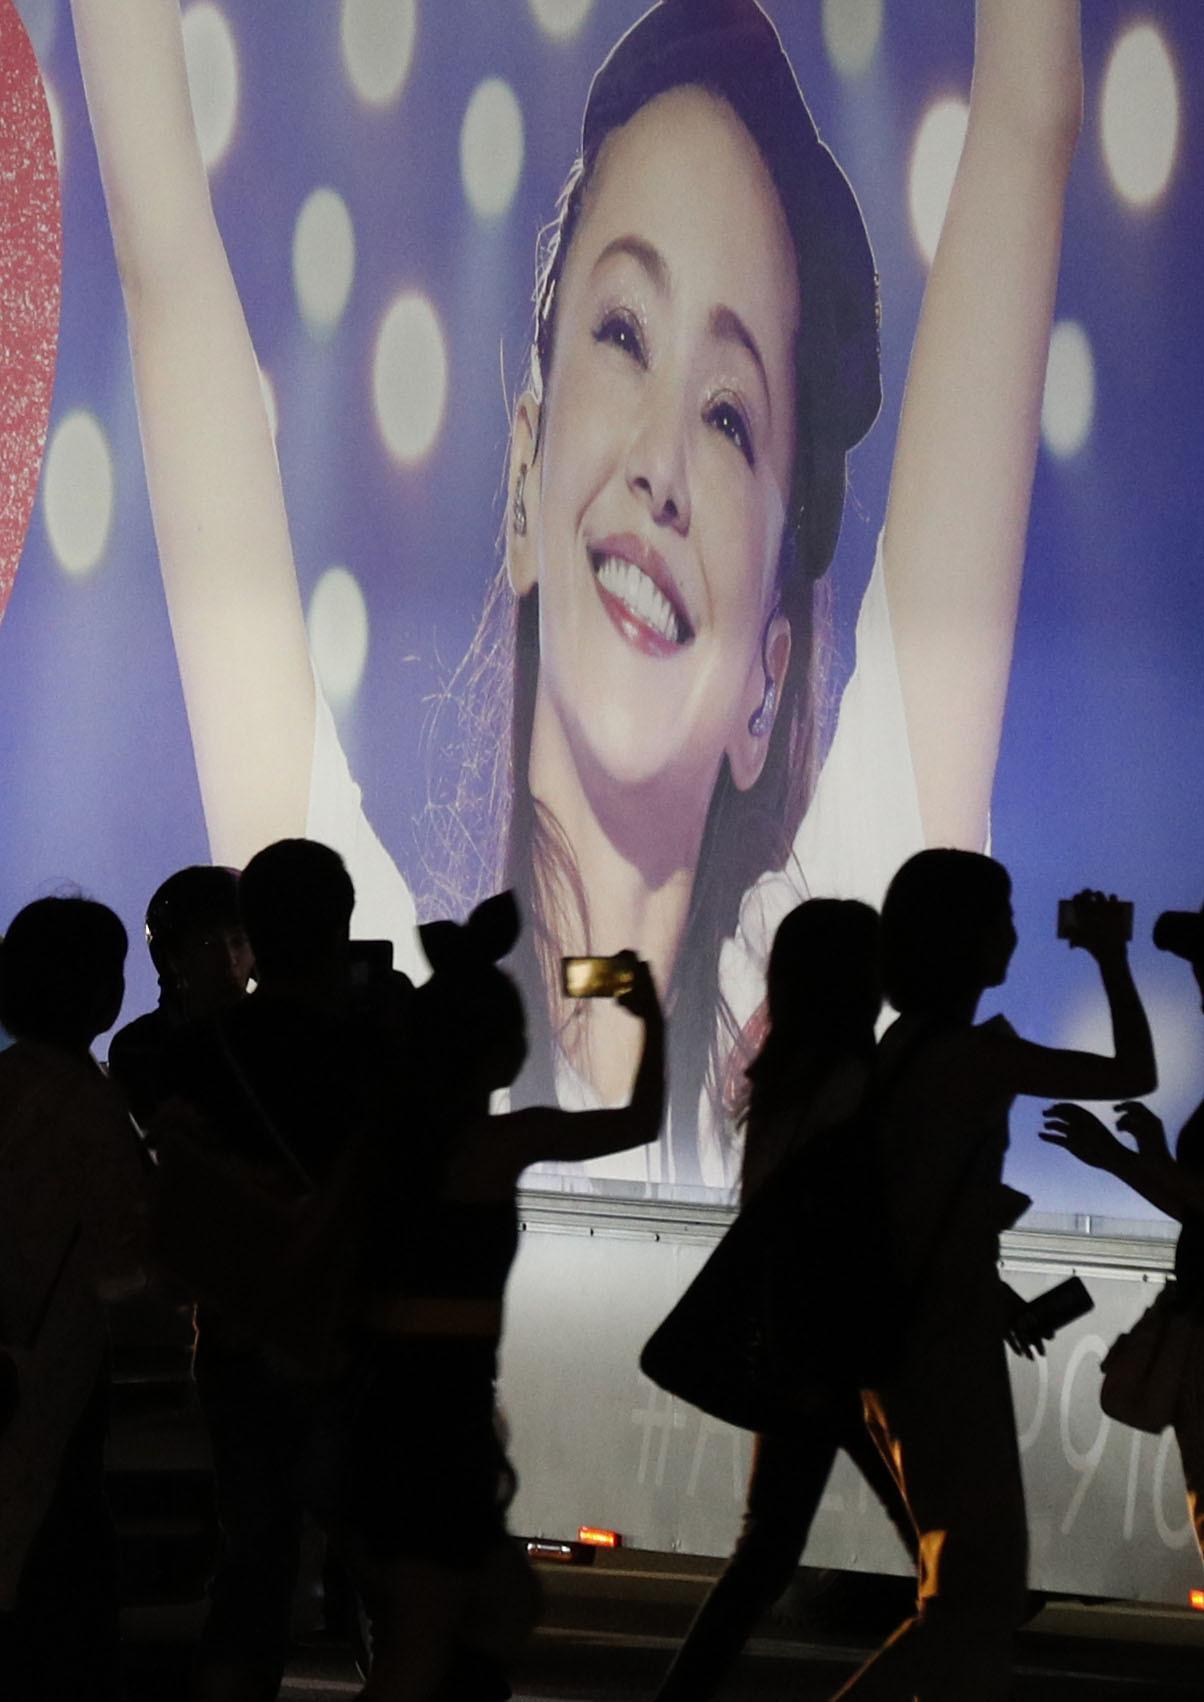 15일 저녁 오키나와(沖繩)현 기노완(宜野彎)시에서 열린 아무로 나미에의 은퇴 기념 콘서트장에 설치된 가수의 사진 앞에서 팬들이 모여 있다. [연합뉴스]